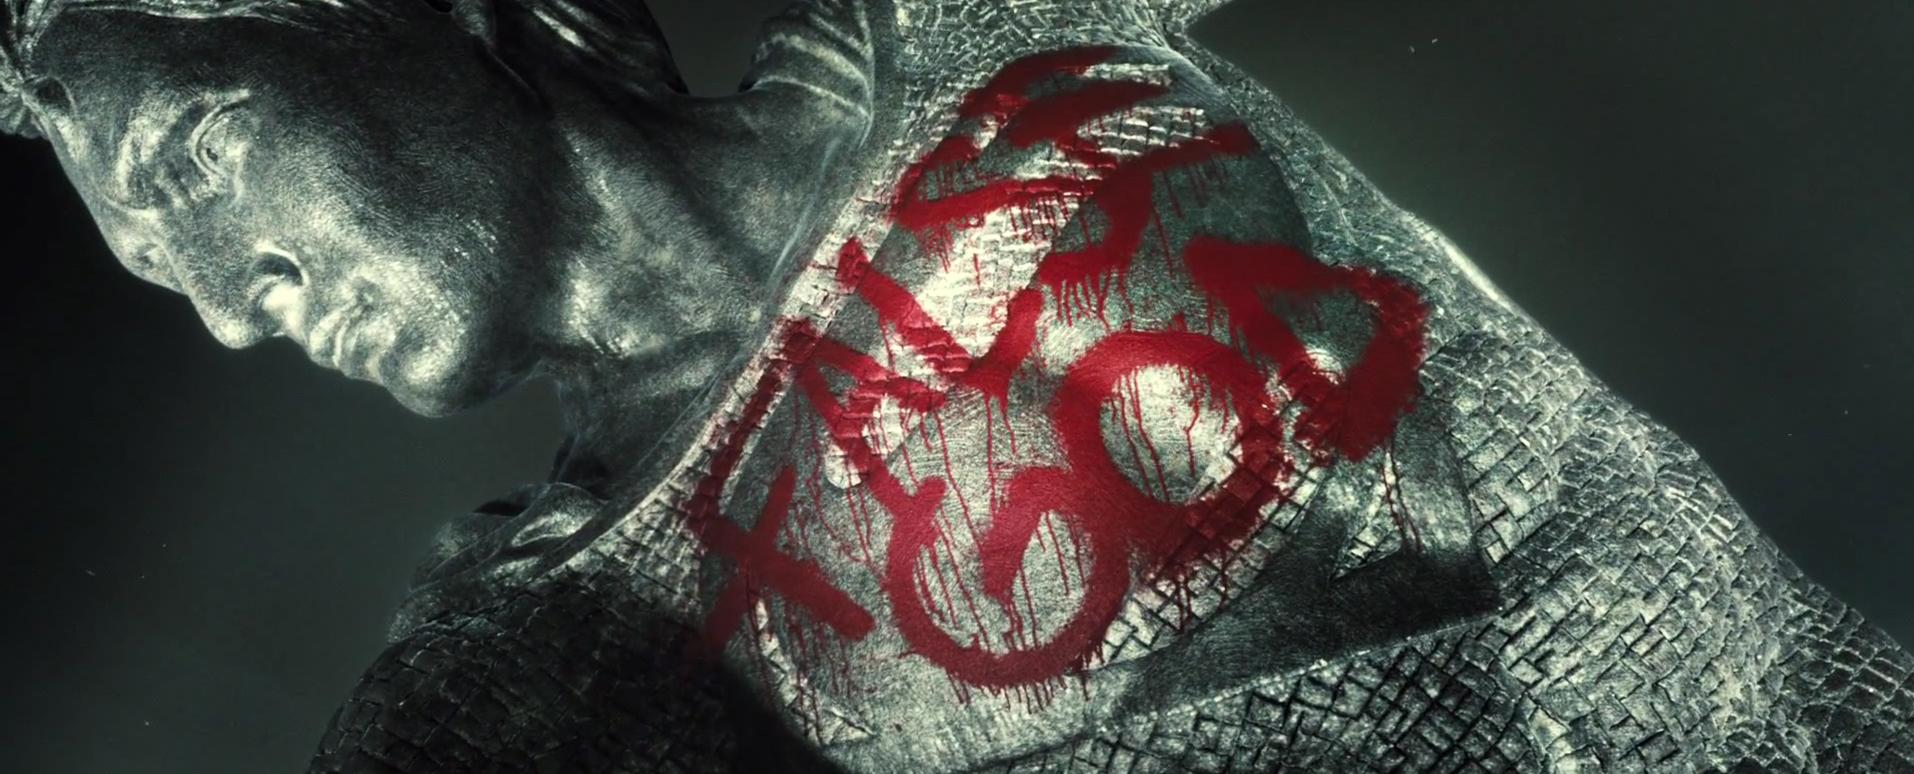 Batman v Superman Trailer | Excited?